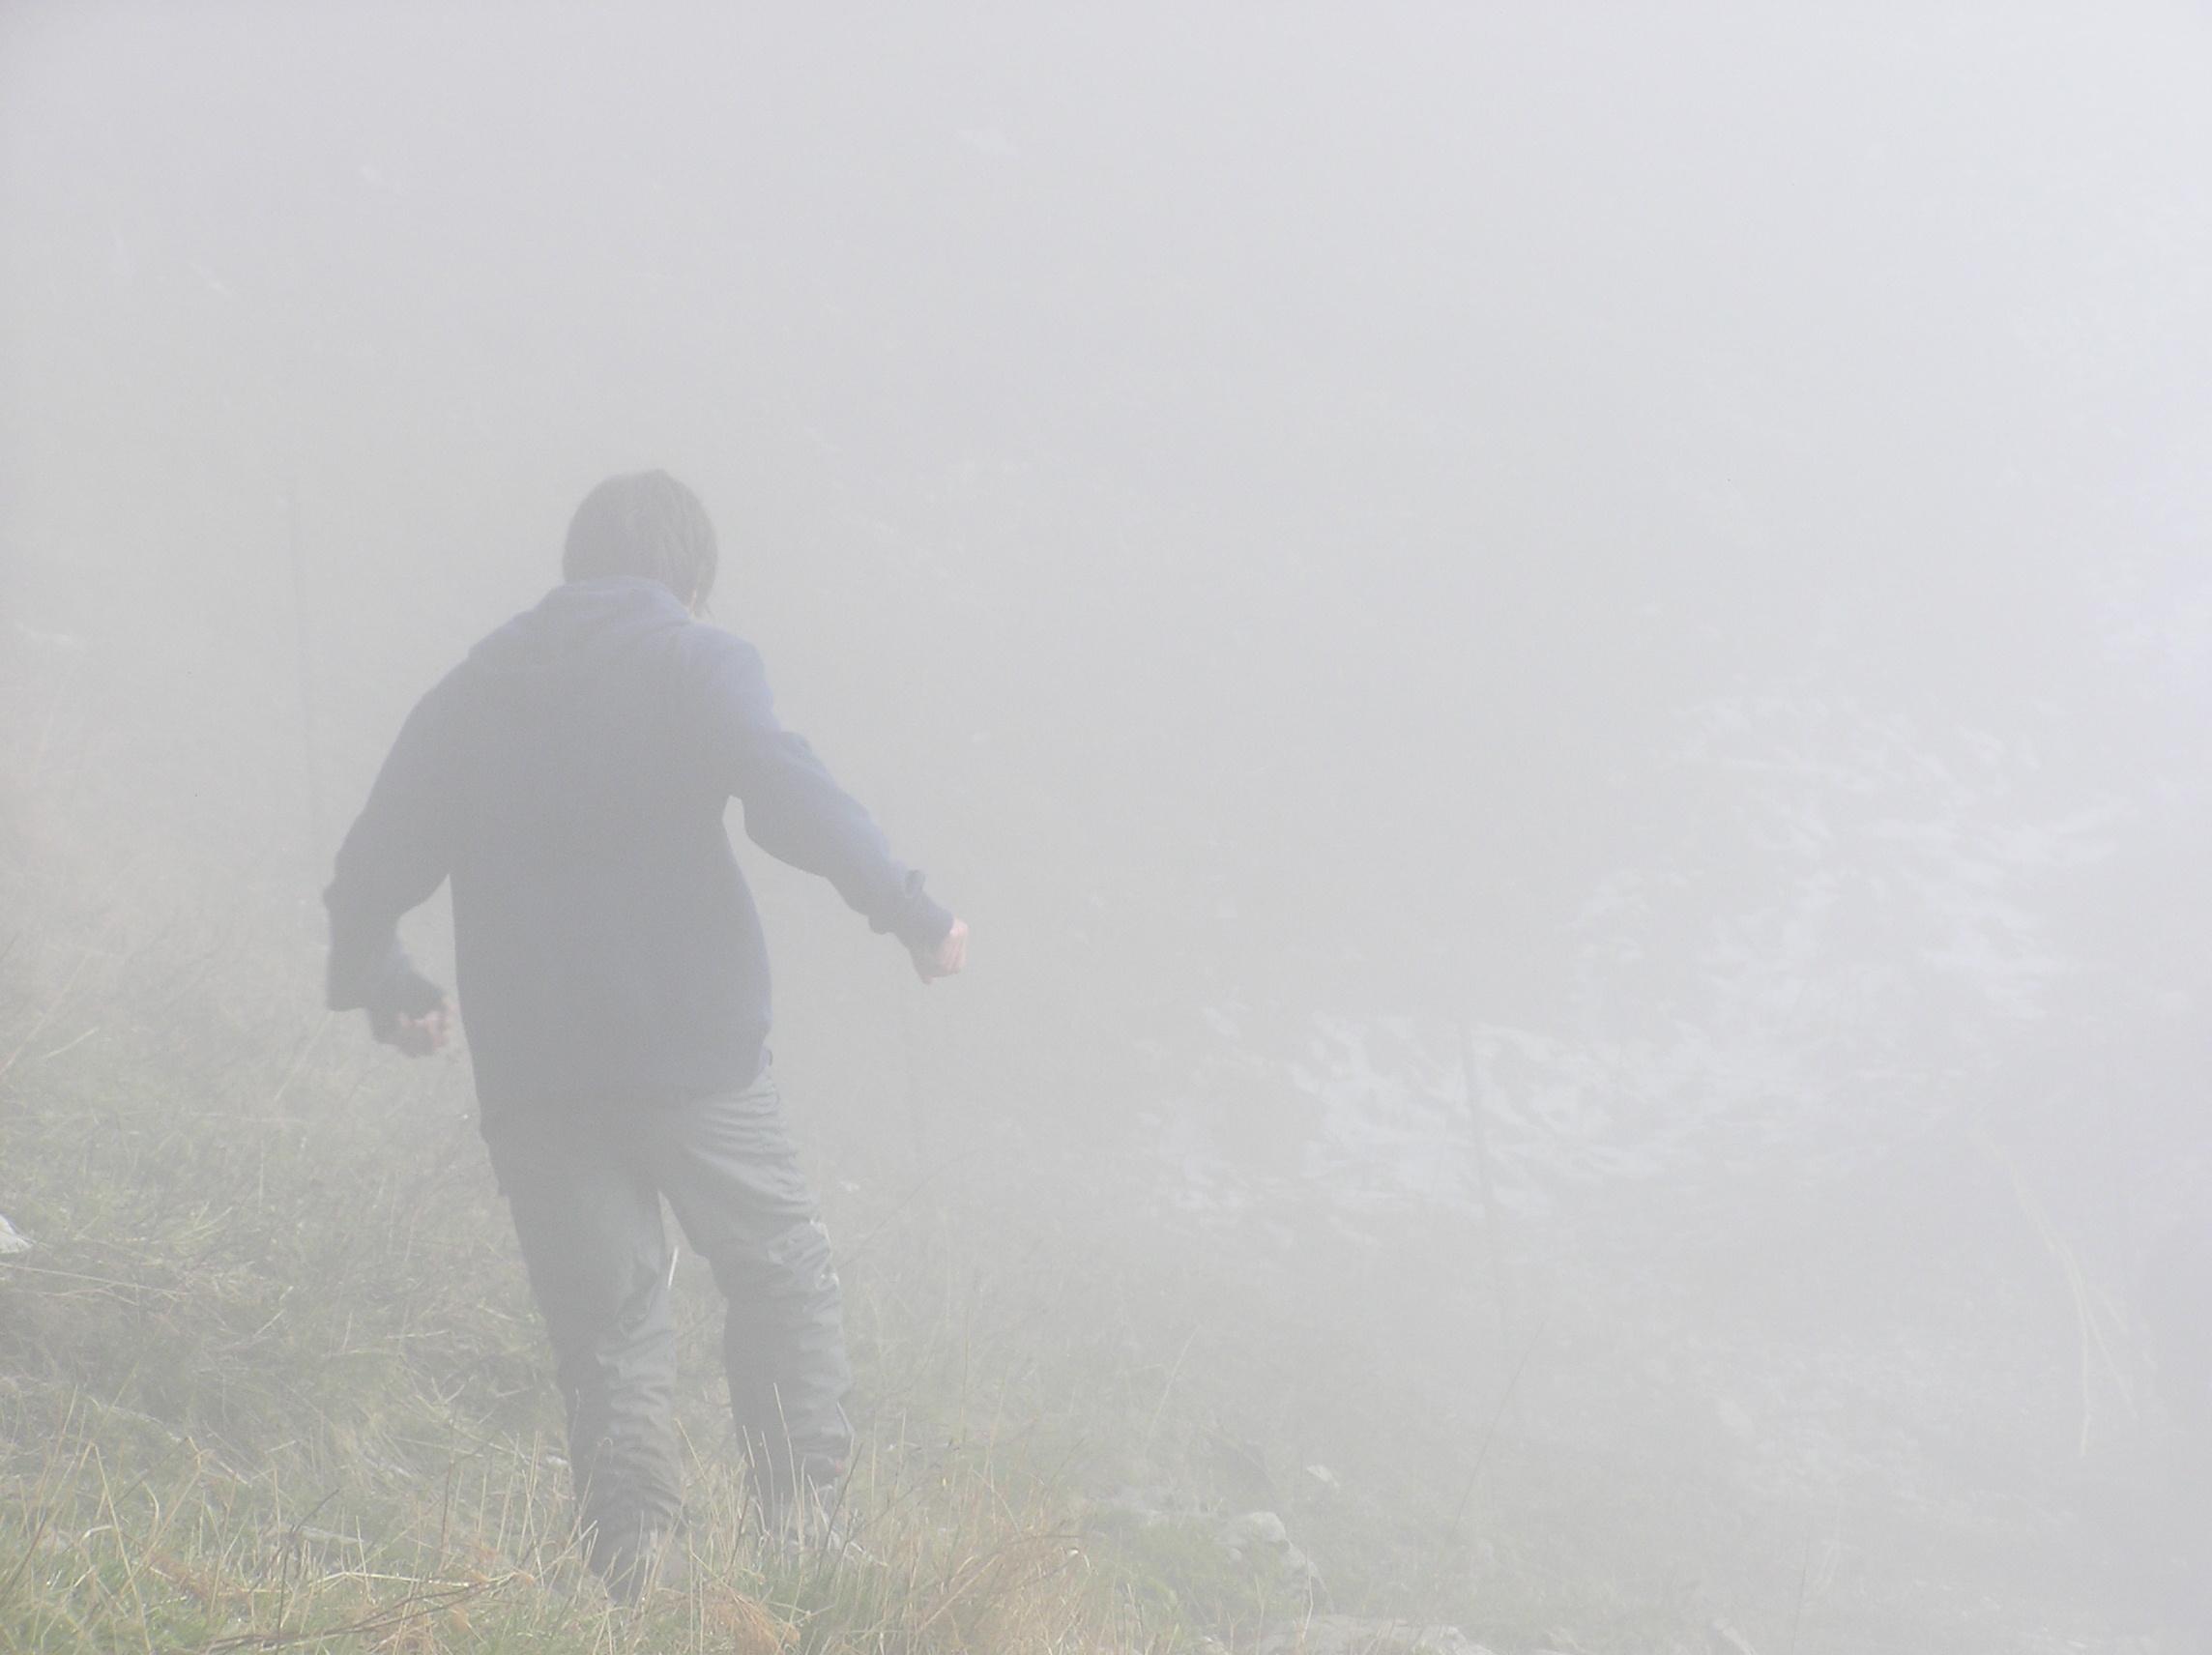 Après le nuage, l'informatique dans la brume !